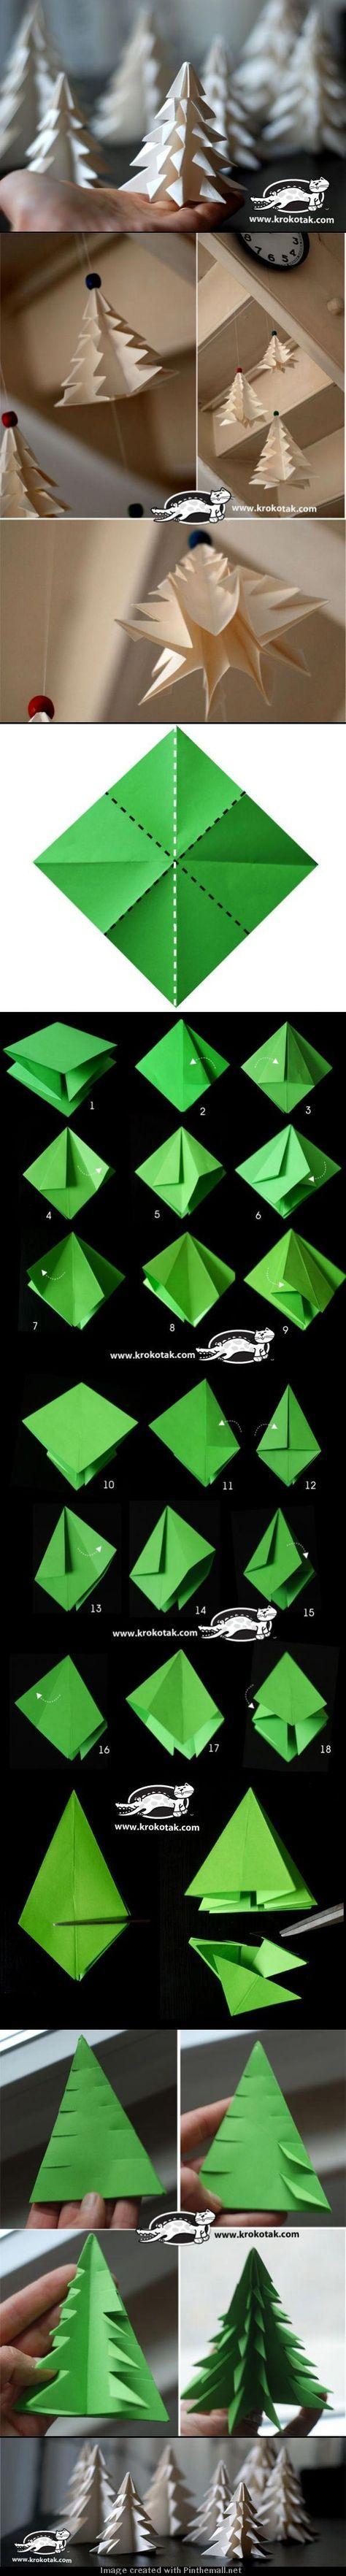 bilderparade cccxxii besser als pilderbarade basteln pinterest origami weihnachtsb ume. Black Bedroom Furniture Sets. Home Design Ideas